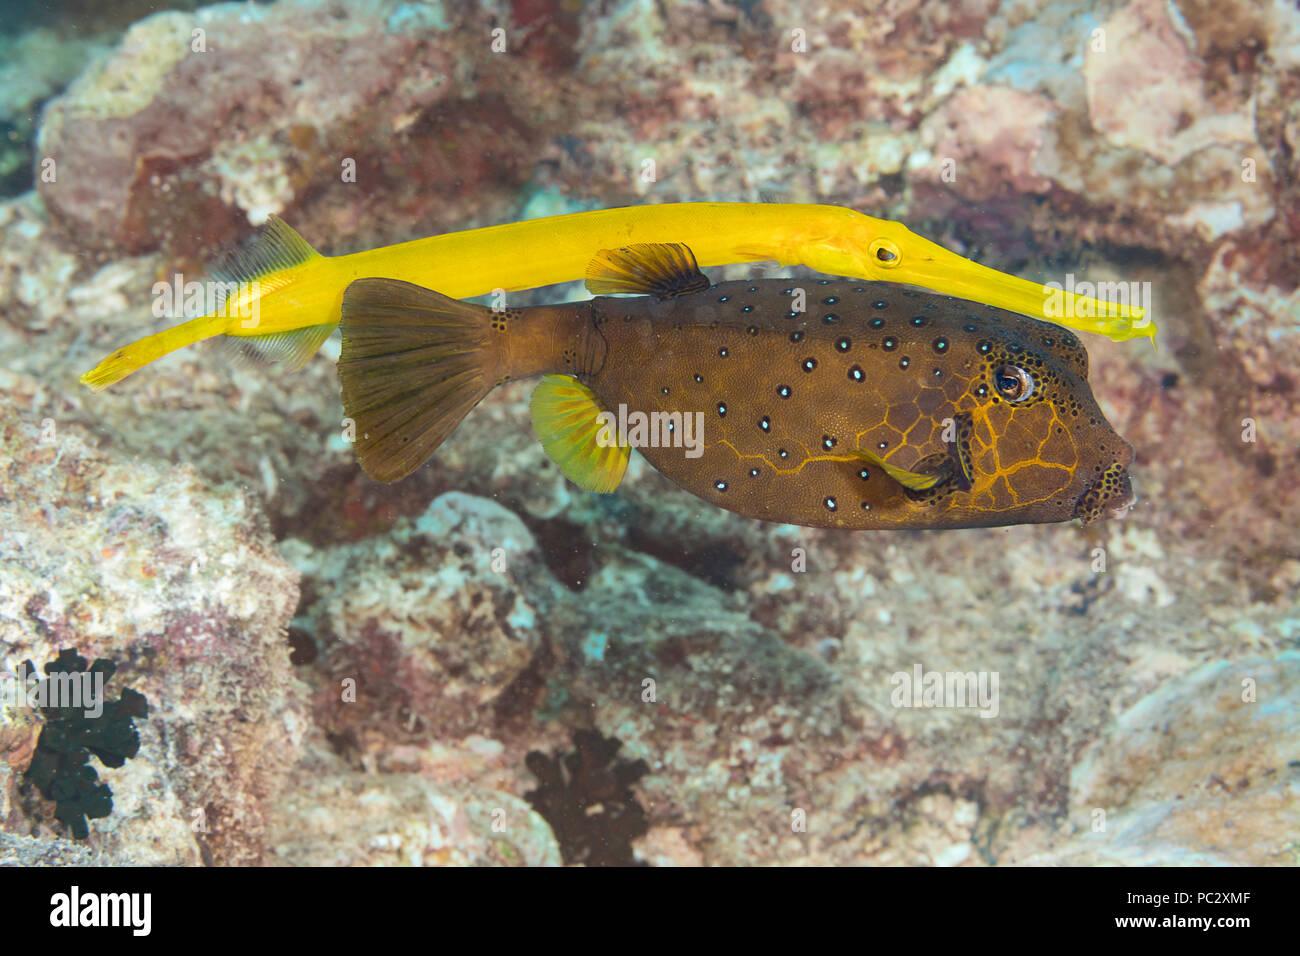 Diese trompetenfische, Aulostomus maculatus, ein Riff predator Schwimmen ist hinter einem gelben Kofferfisch, Ostracion cubicus, es als Blinde Beute aufzulauern, Ya Stockbild